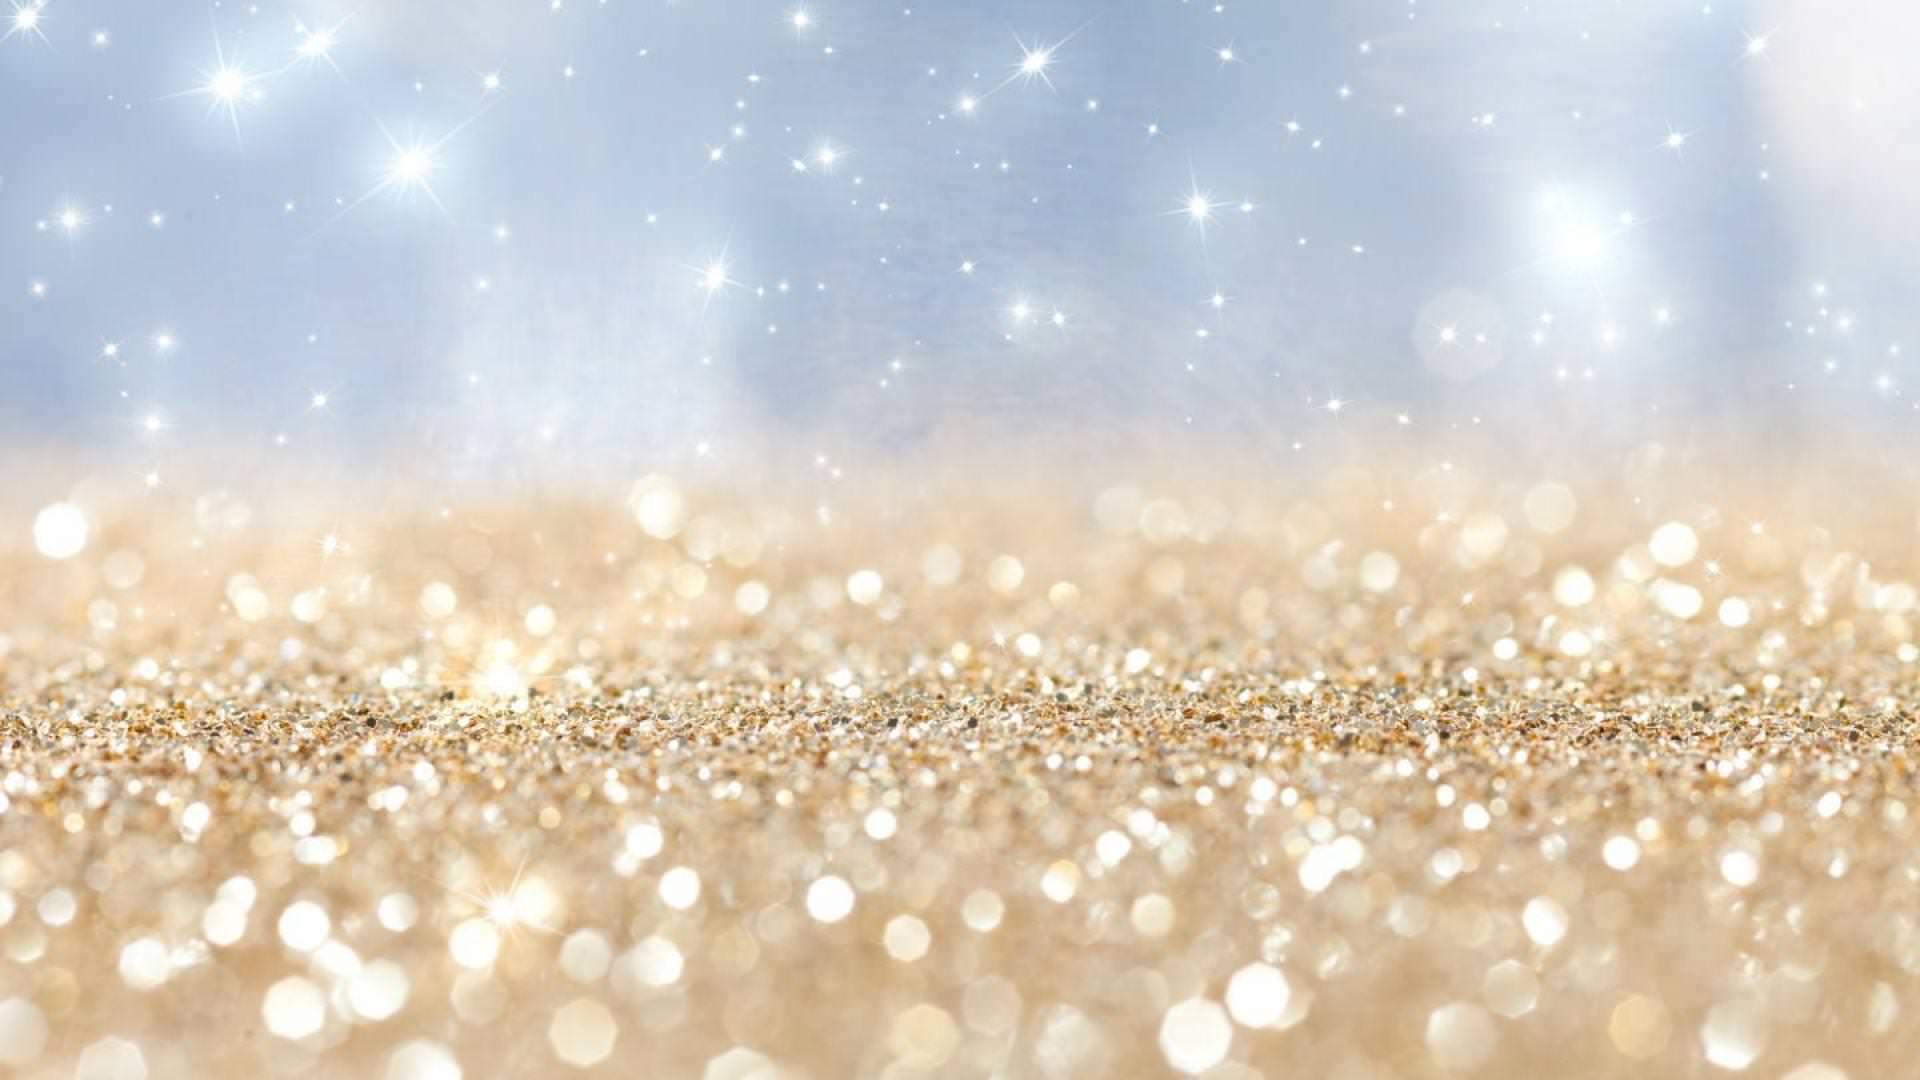 15+ White Glitter Backgrounds